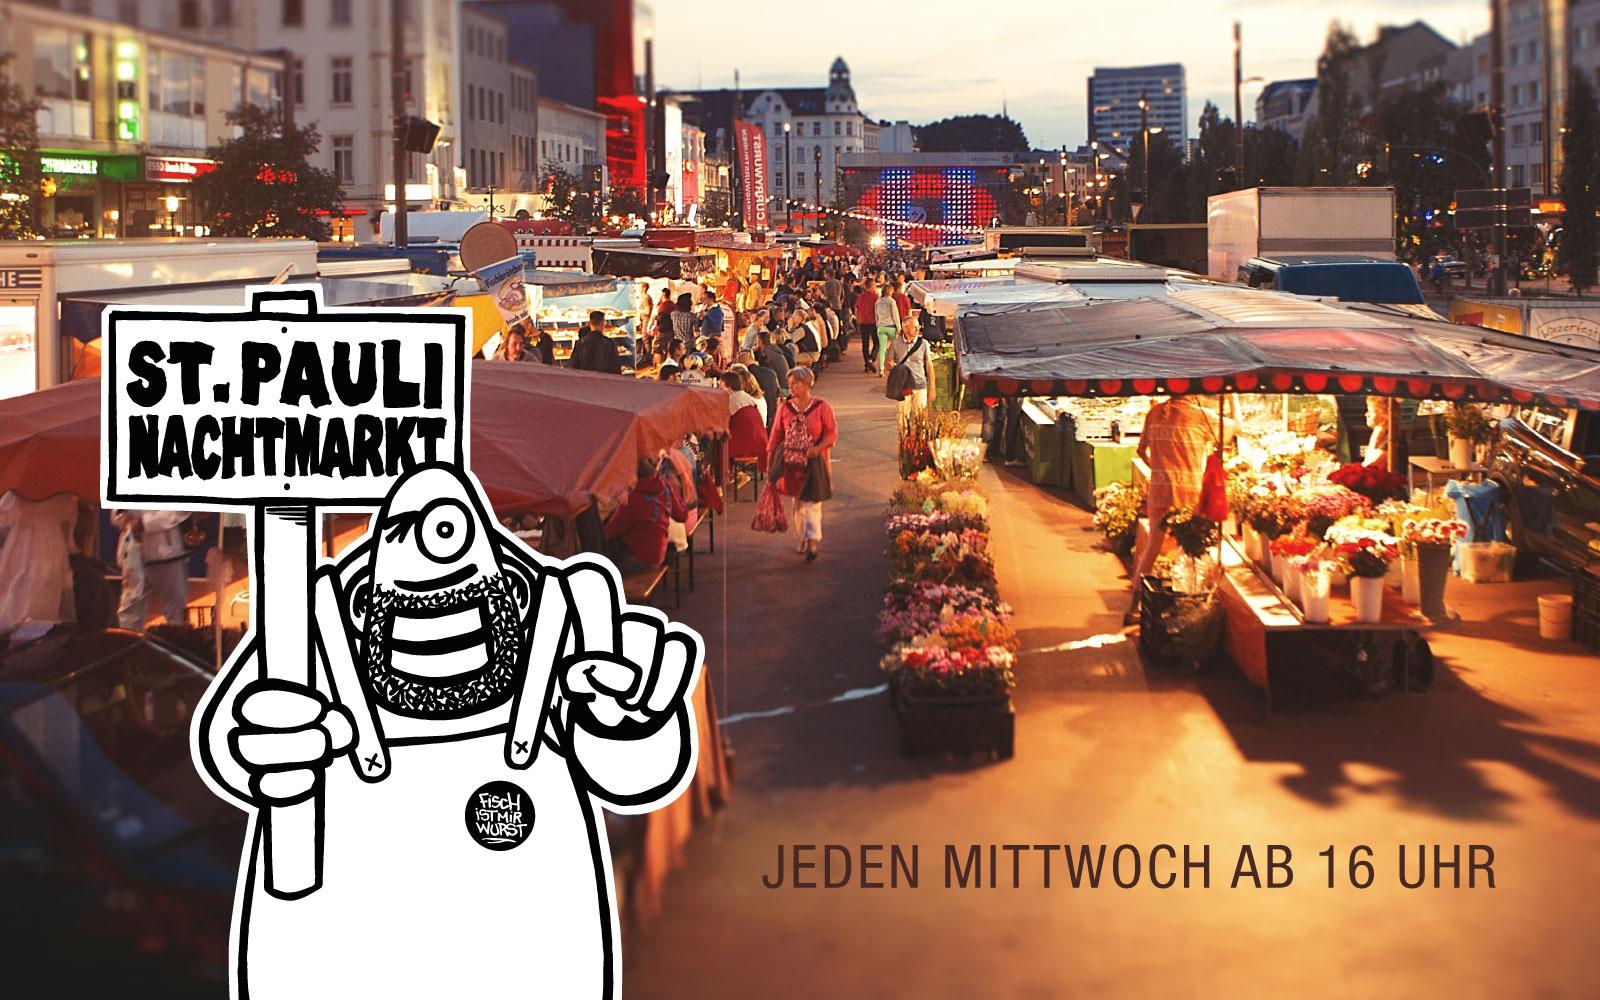 sbp.poster-nachtmarkt_foto